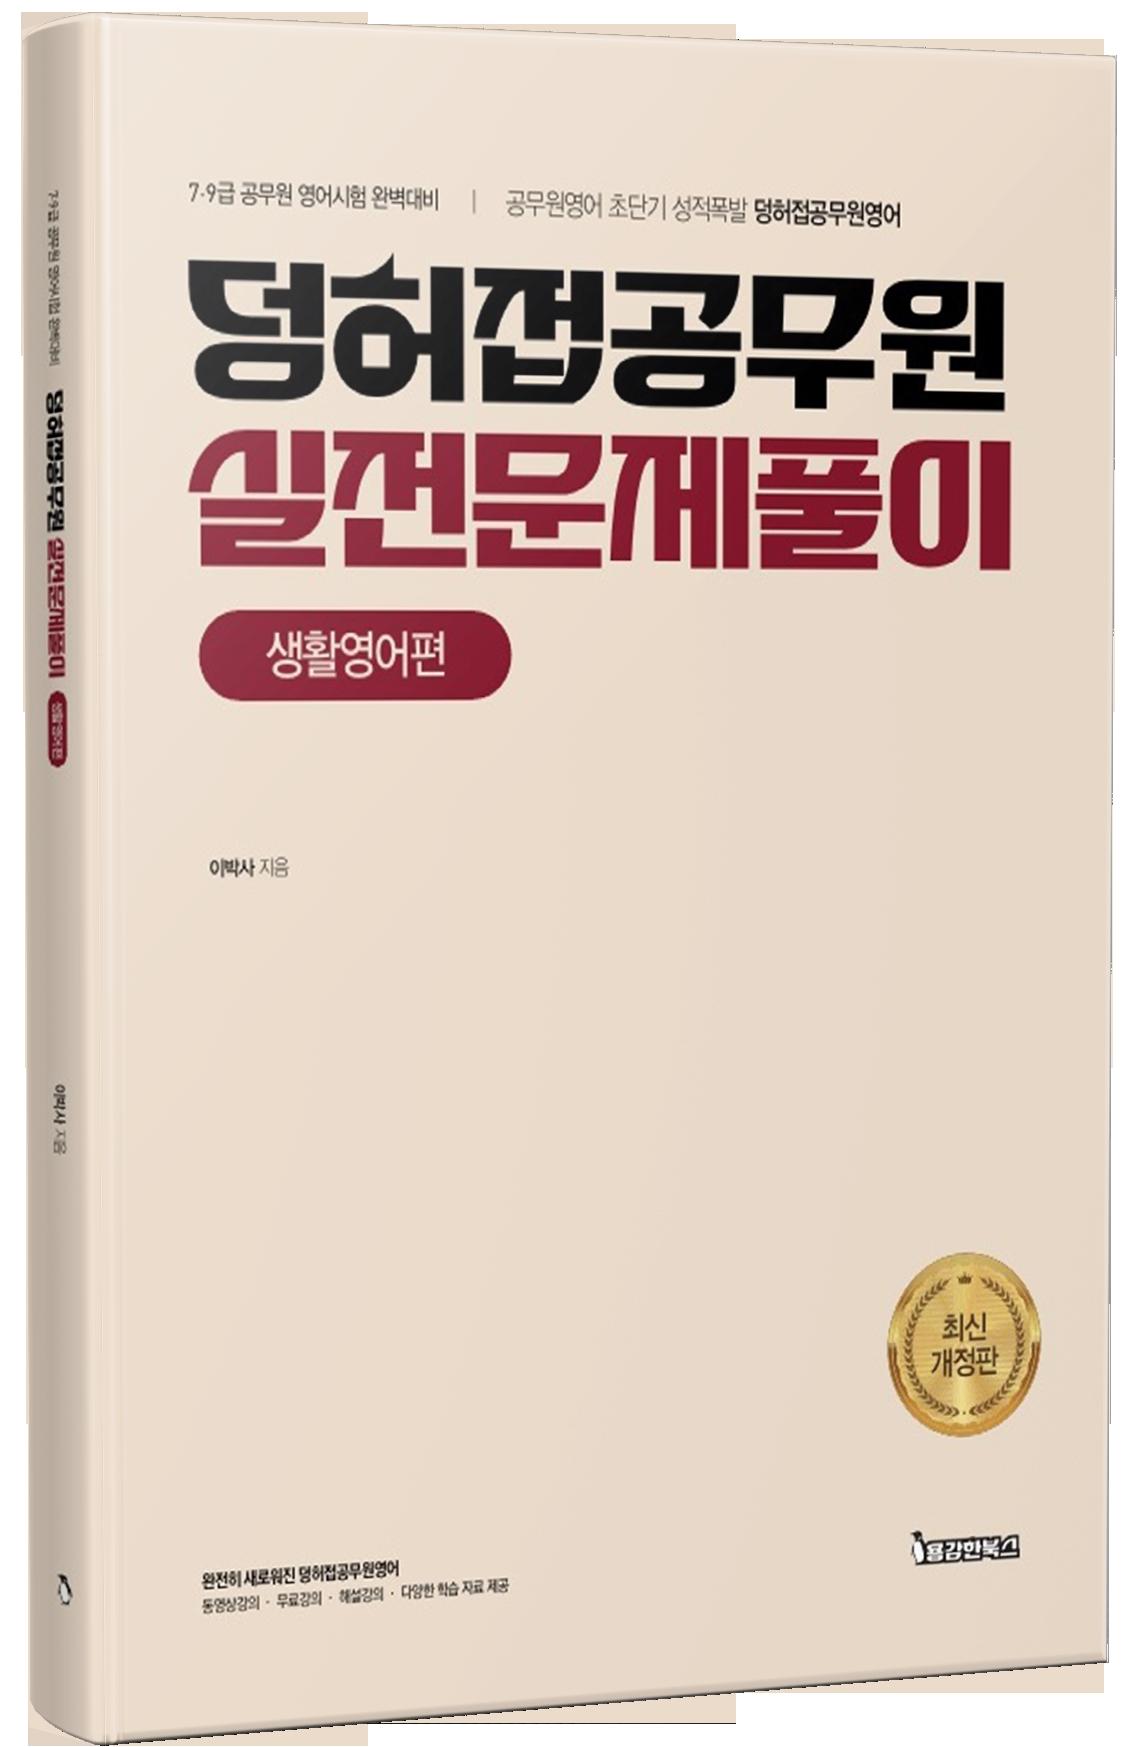 공무원 덩어리와 허접 실전문제풀이 [생활영어] 강의교재 [2020] 교재